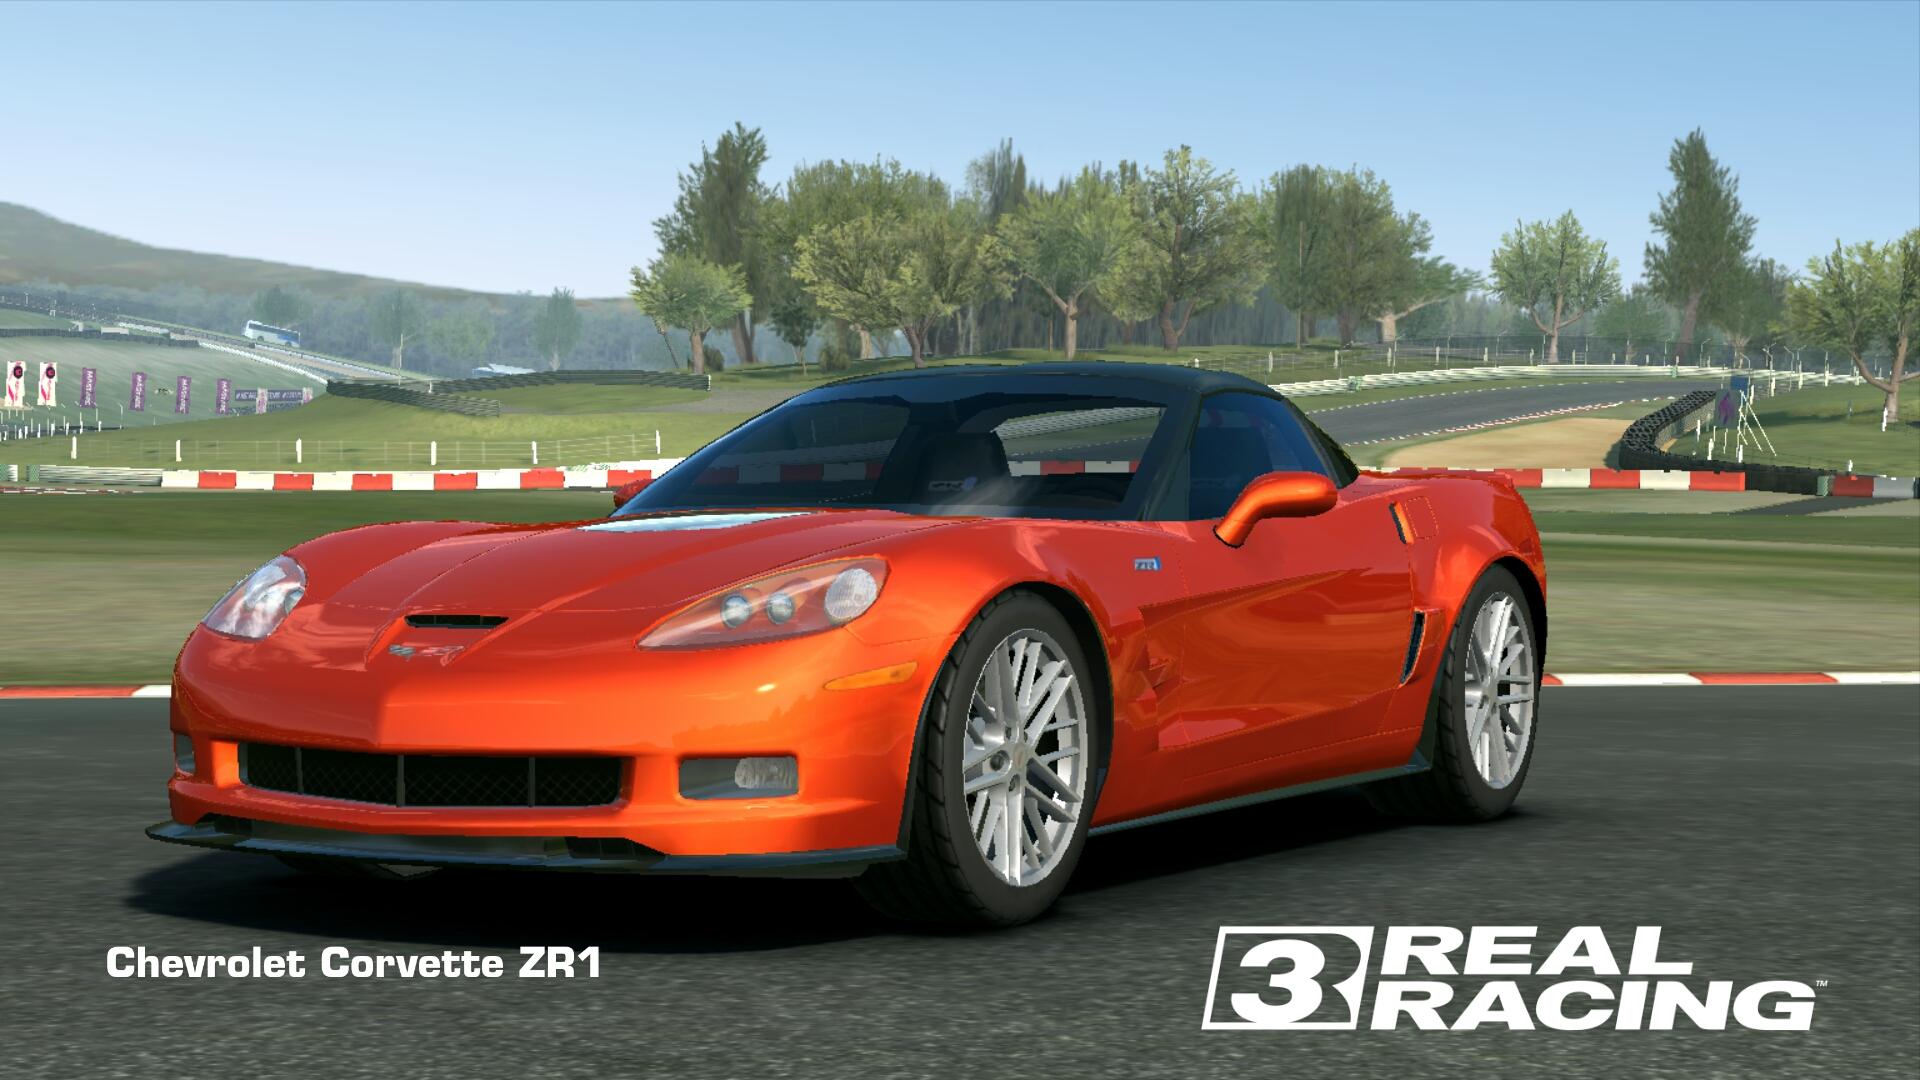 Showcase Chevrolet Corvette ZR1